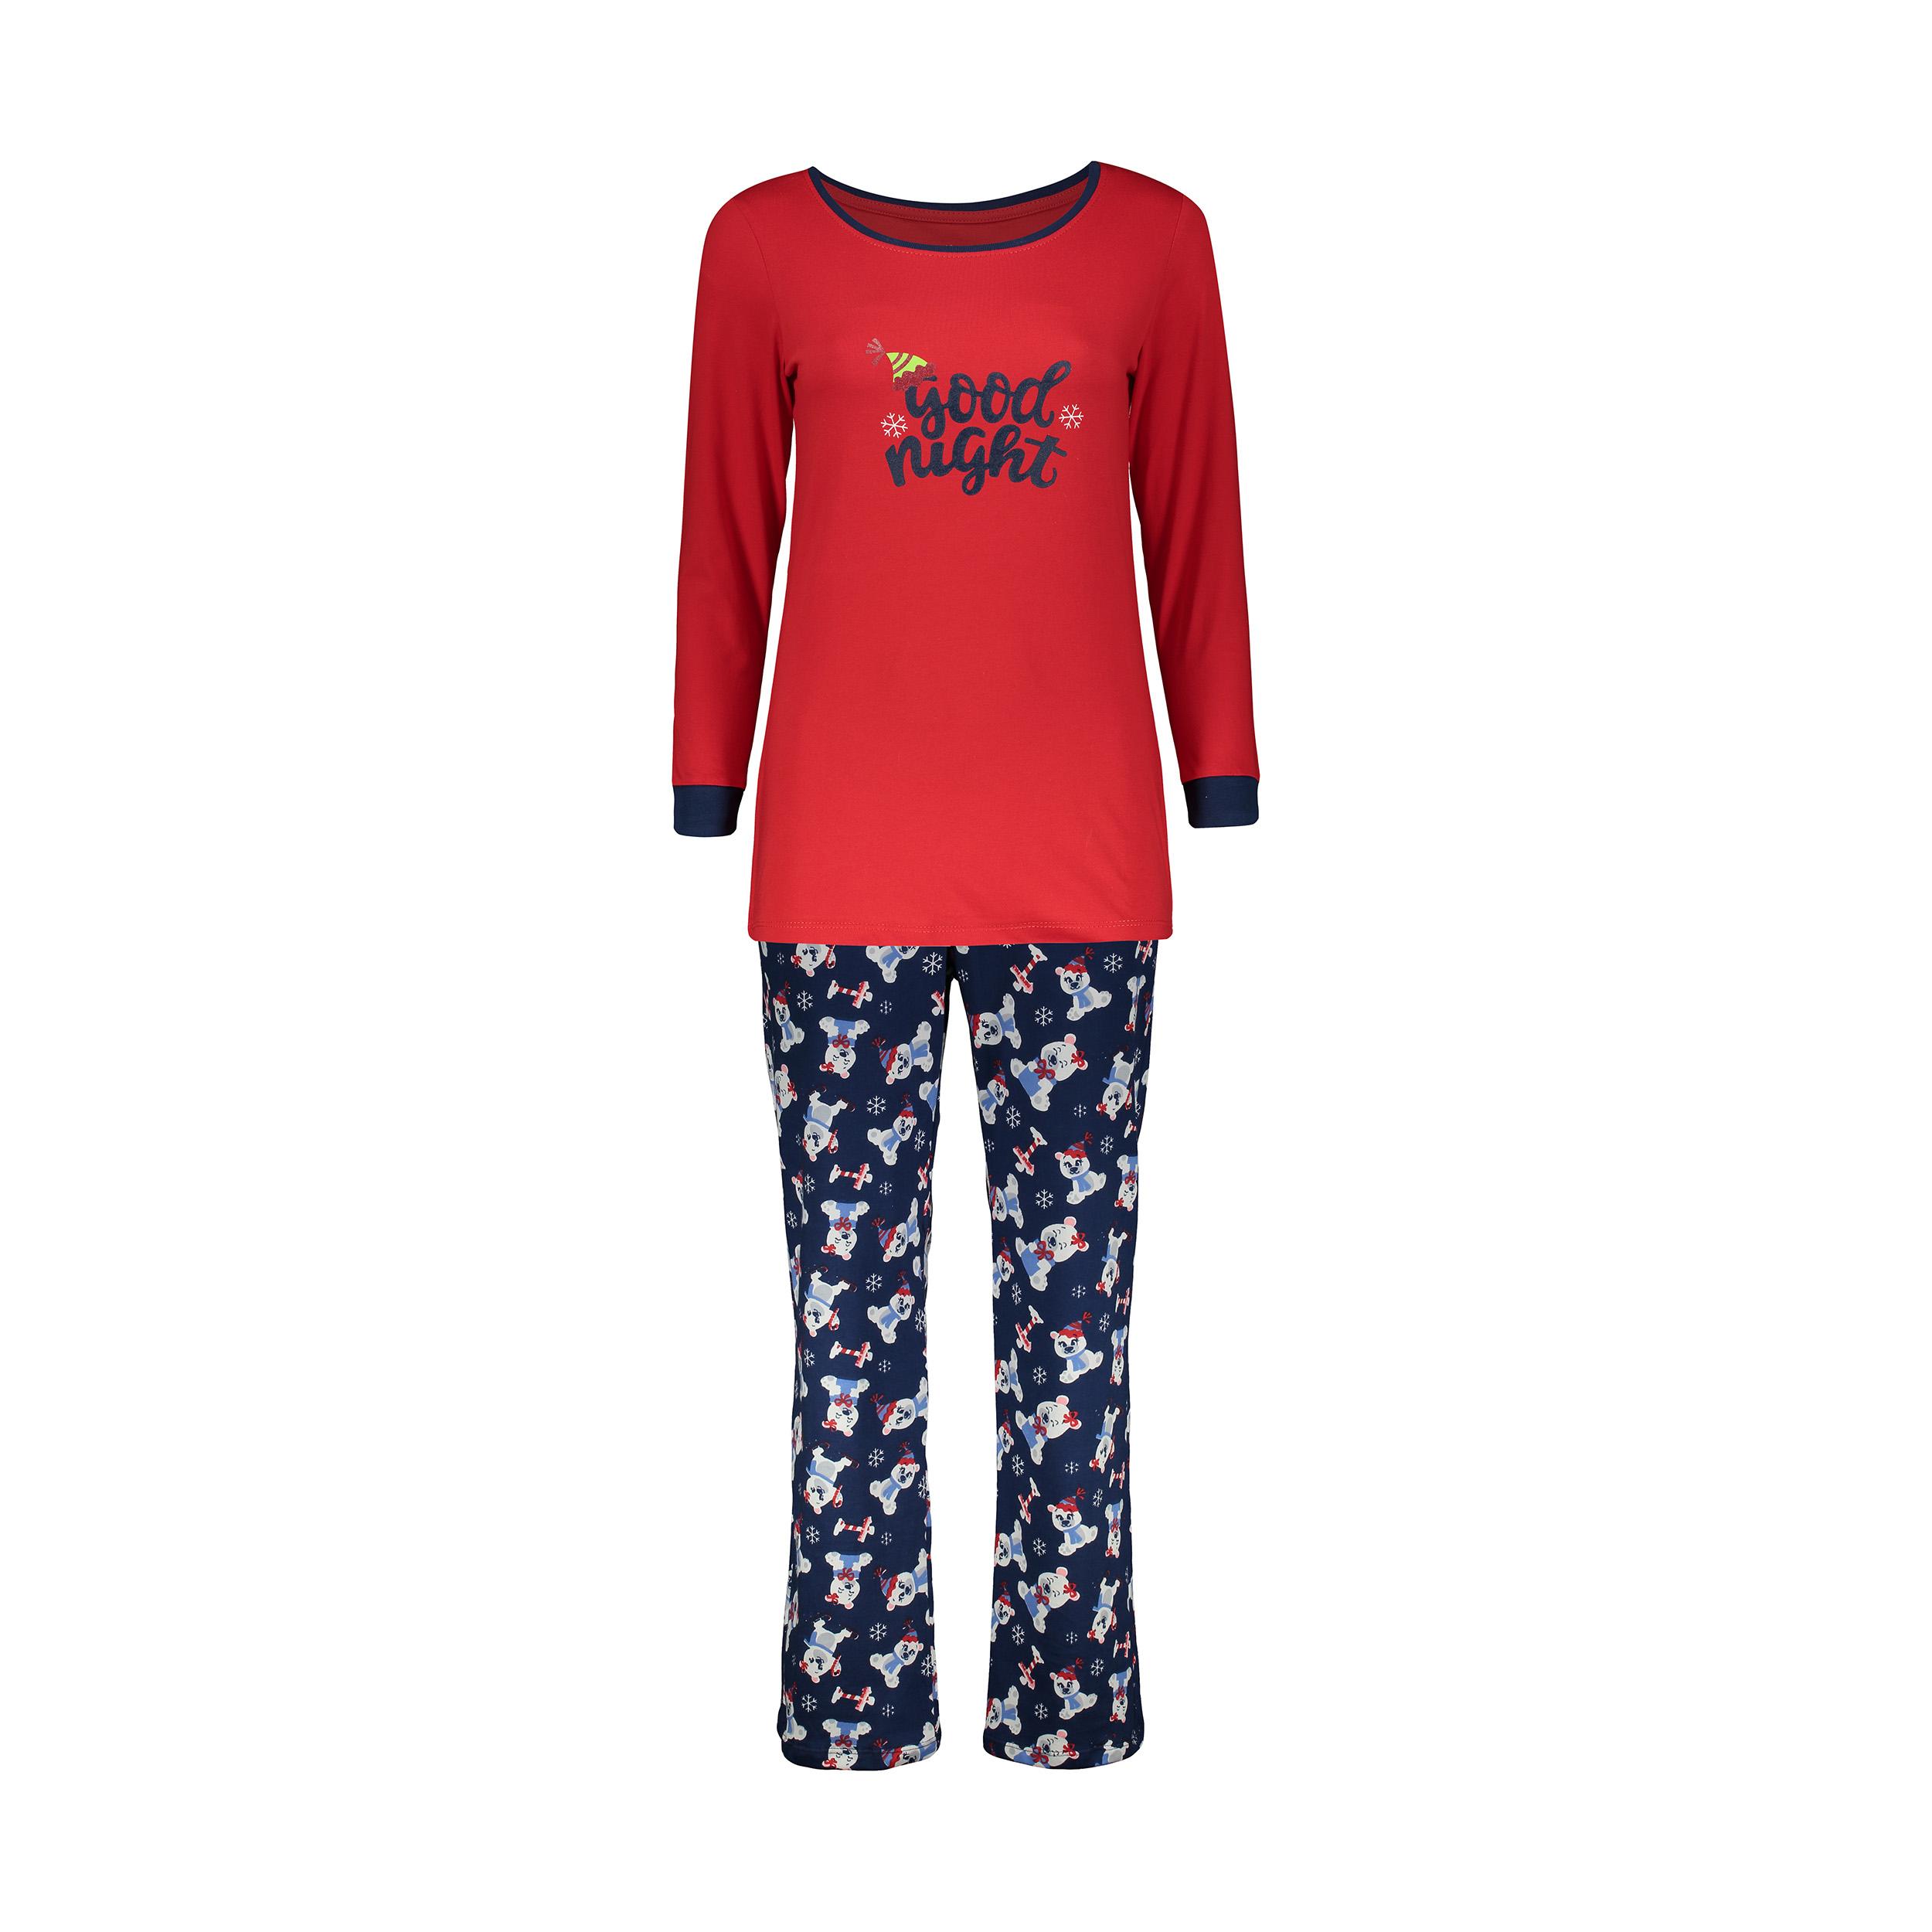 ست تی شرت و شلوار راحتی زنانه ناربن مدل 1521167-72